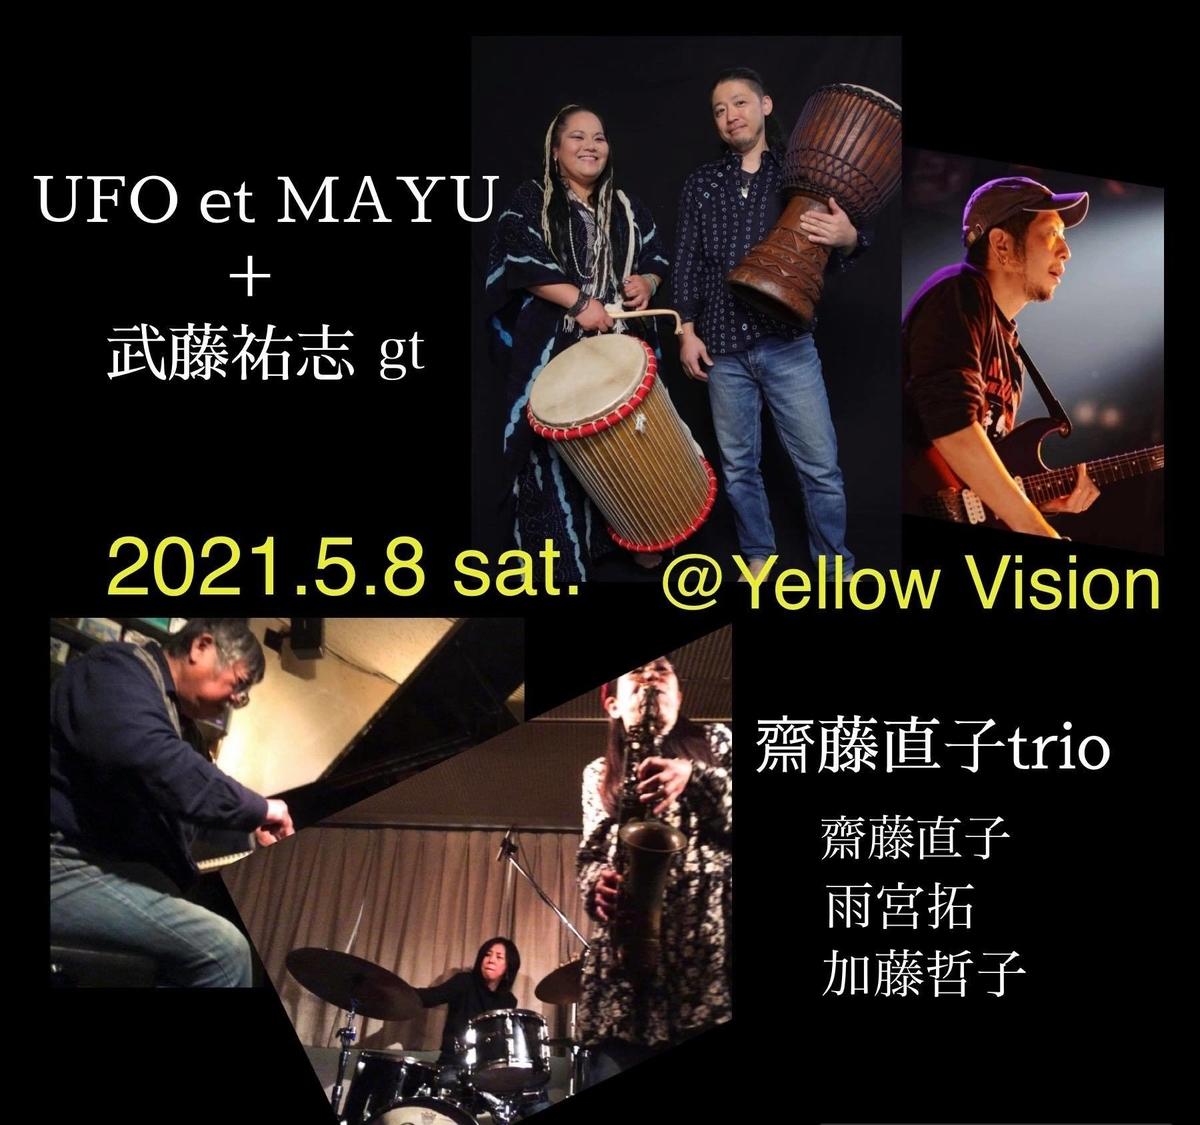 f:id:African-Percussion-Nagoya:20210419170954j:plain